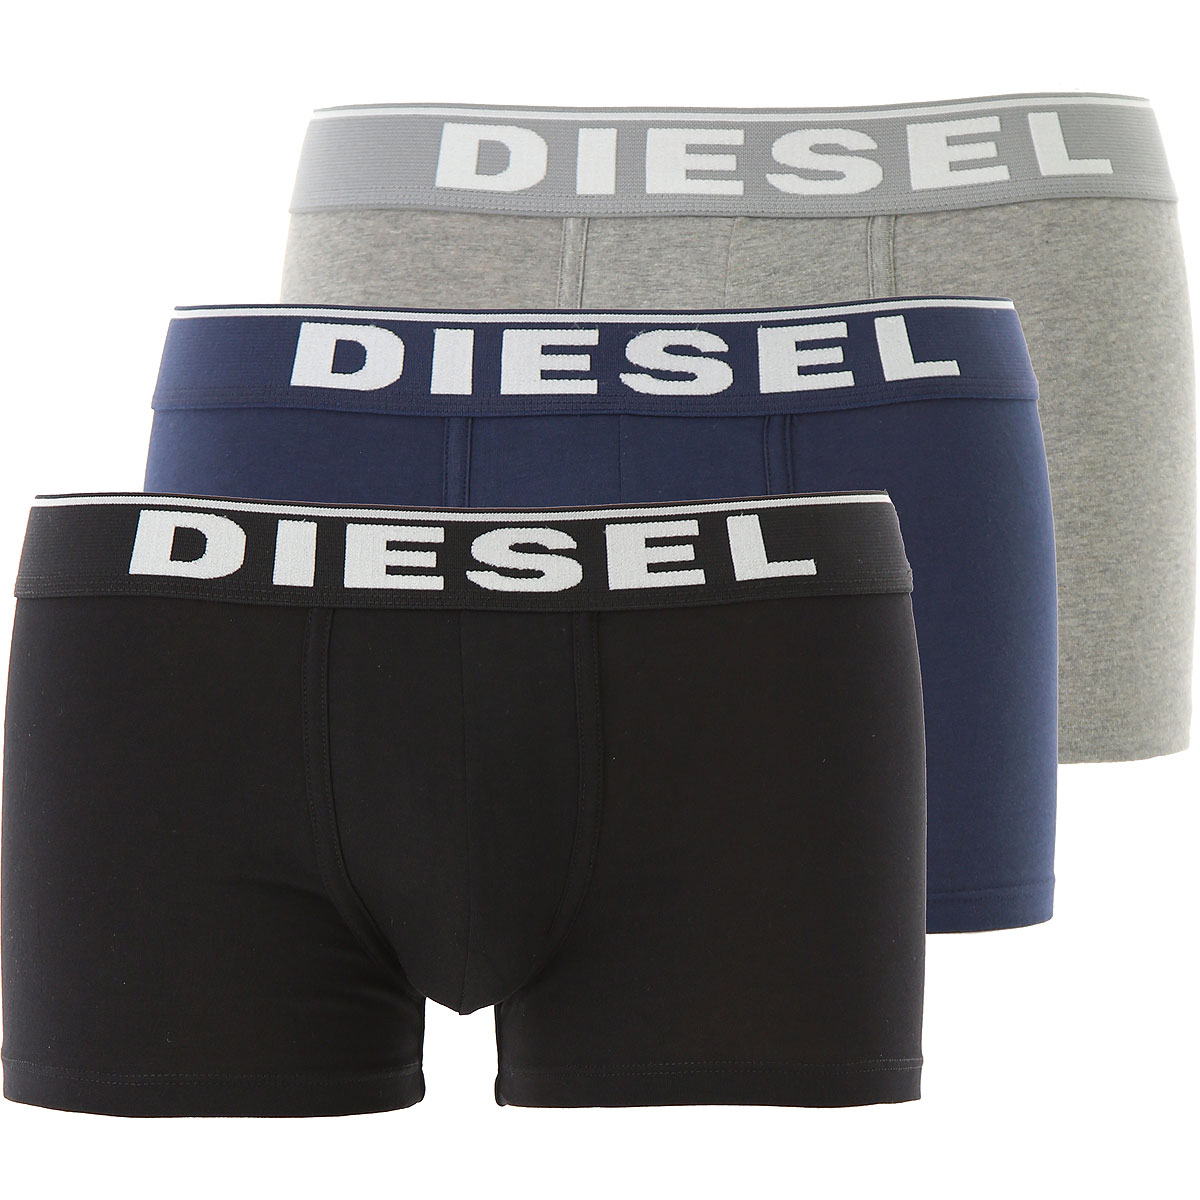 Image of Diesel Boxer Briefs for Men, Boxers, 3 Pack, Black, Cotton, 2017, M (EU 4) S (EU 3) L (EU 5) XL (EU 6)